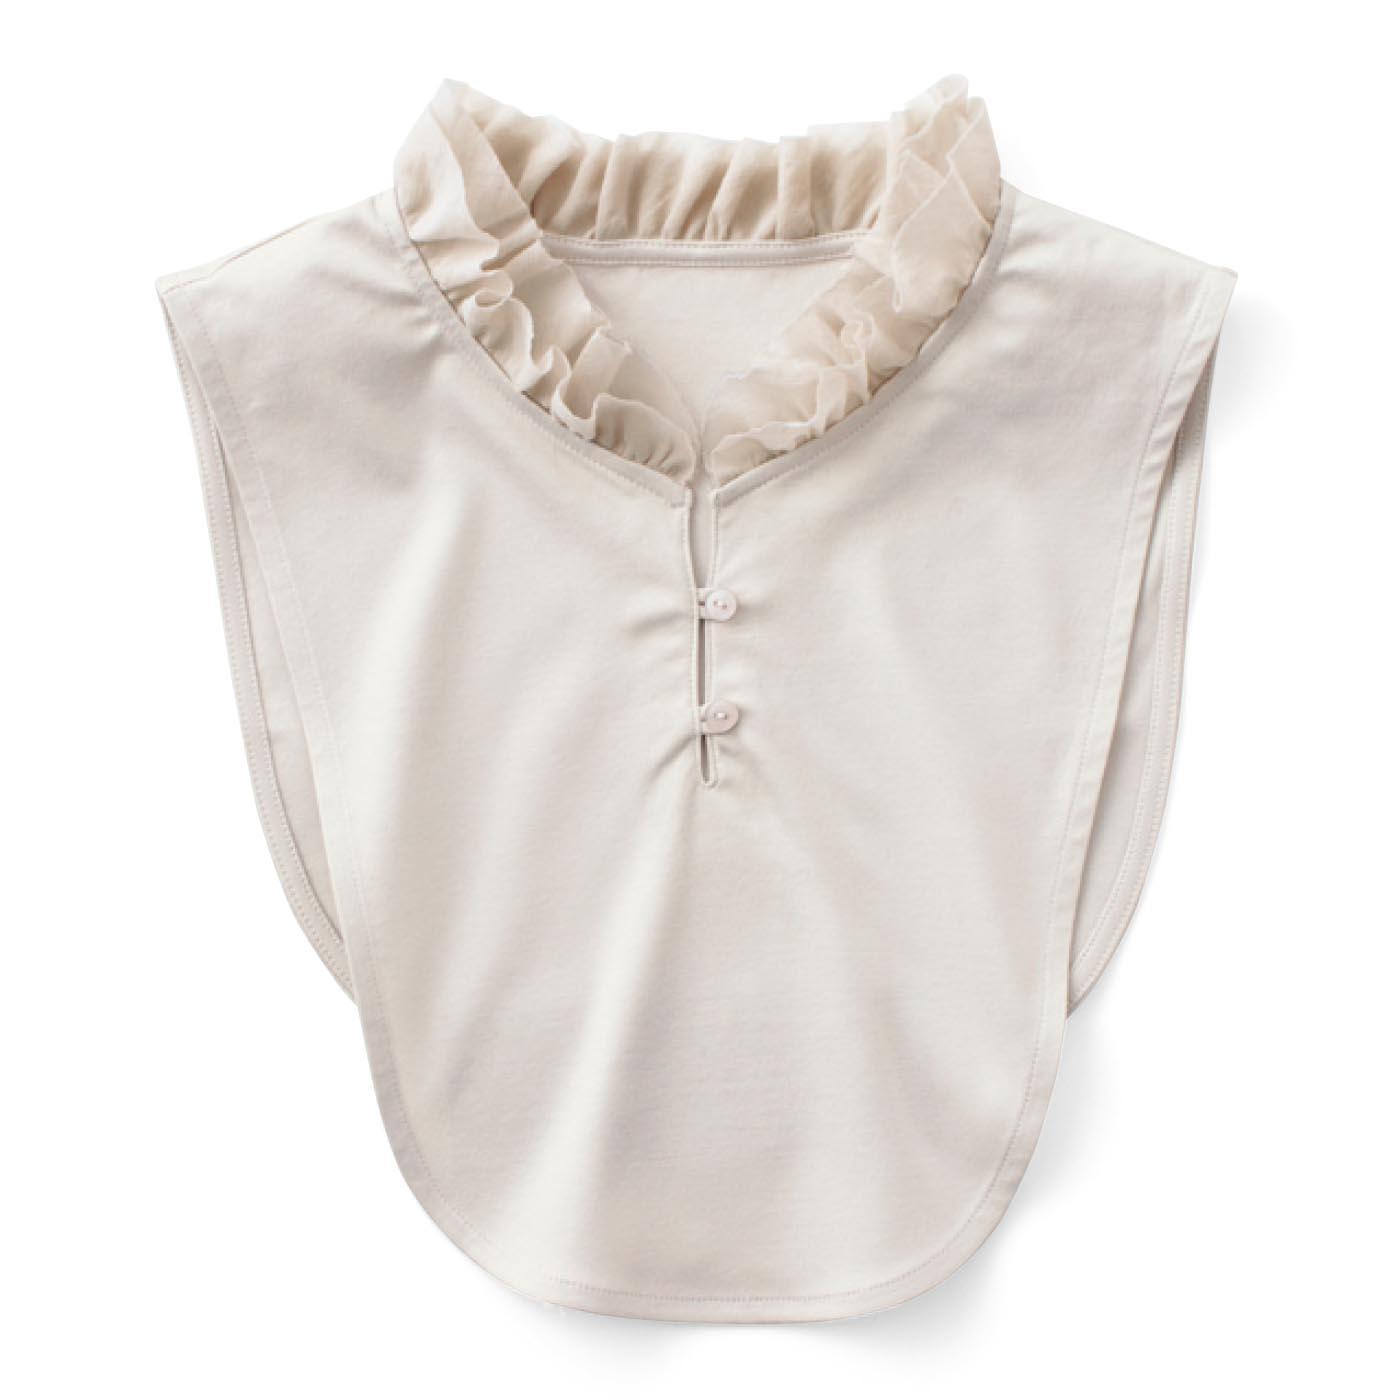 〈グレージュ〉立ち衿をイメージした二枚仕立ての華やかなデザイン。 首もとの開き調節は、スリット部分のボタンで微調整可能です。